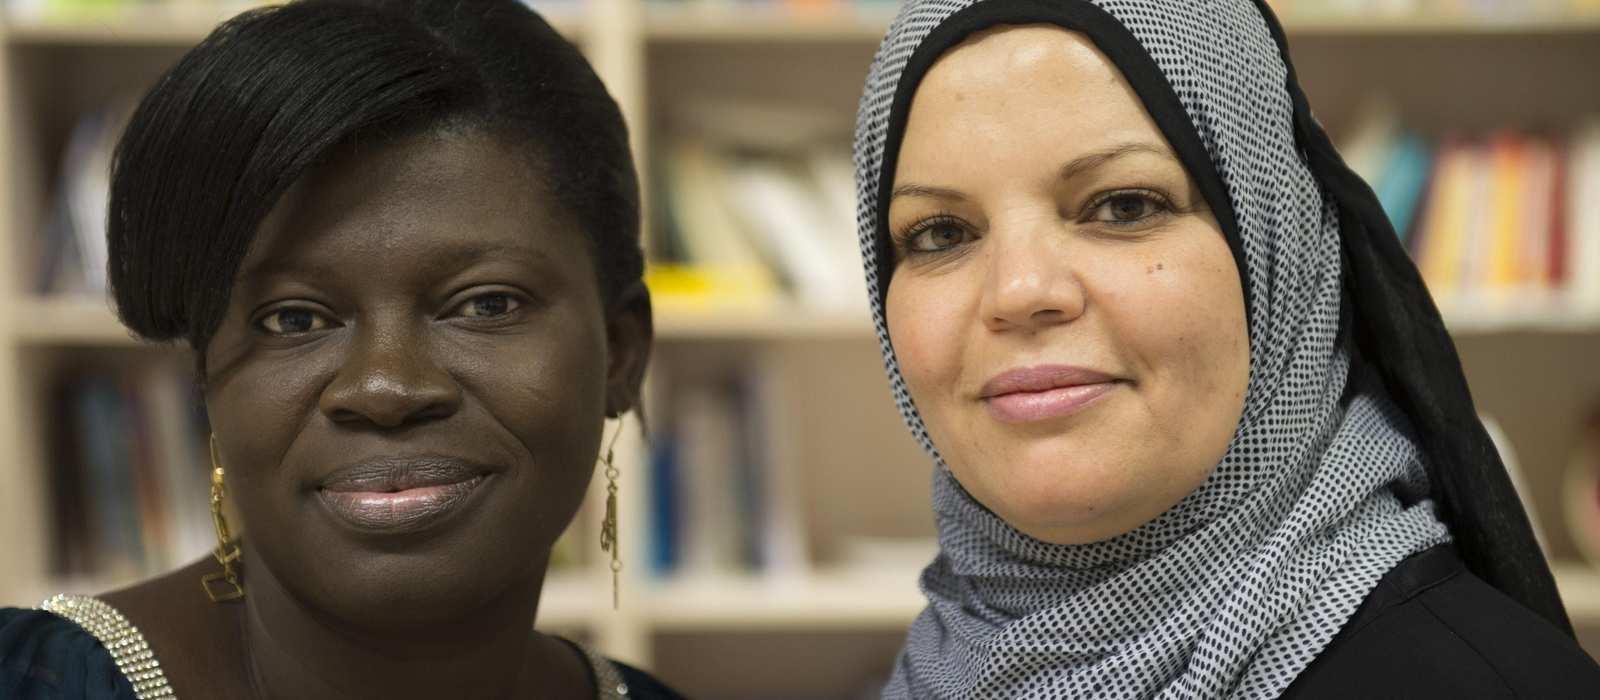 Portrait von zwei Frauen mit multikulturellem Hintergrund.